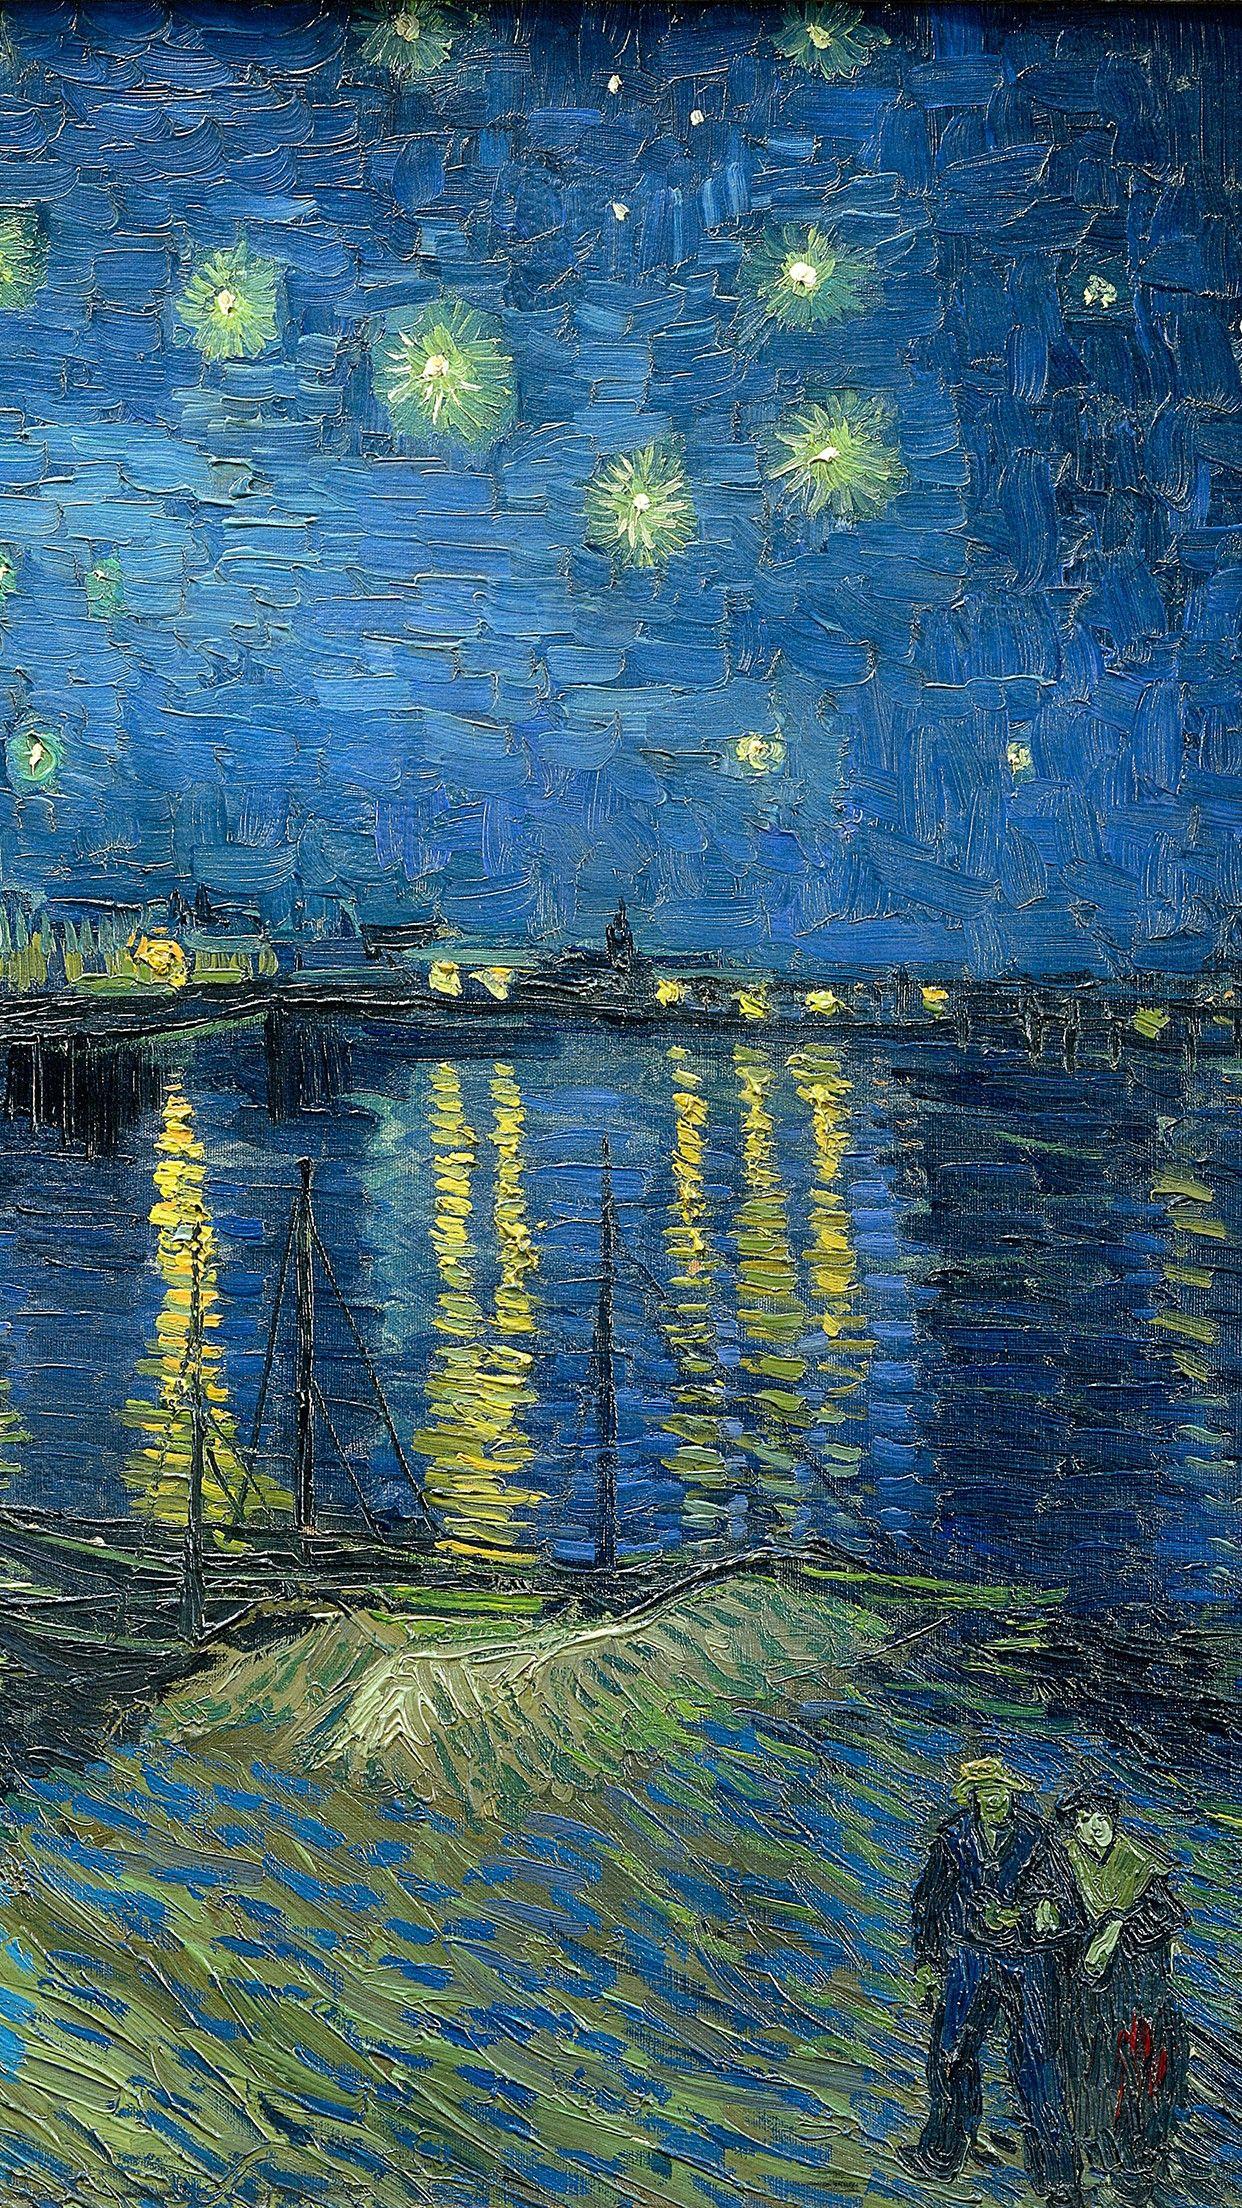 Van Gogh Mobile Wallpapers - Wallpaper Cave